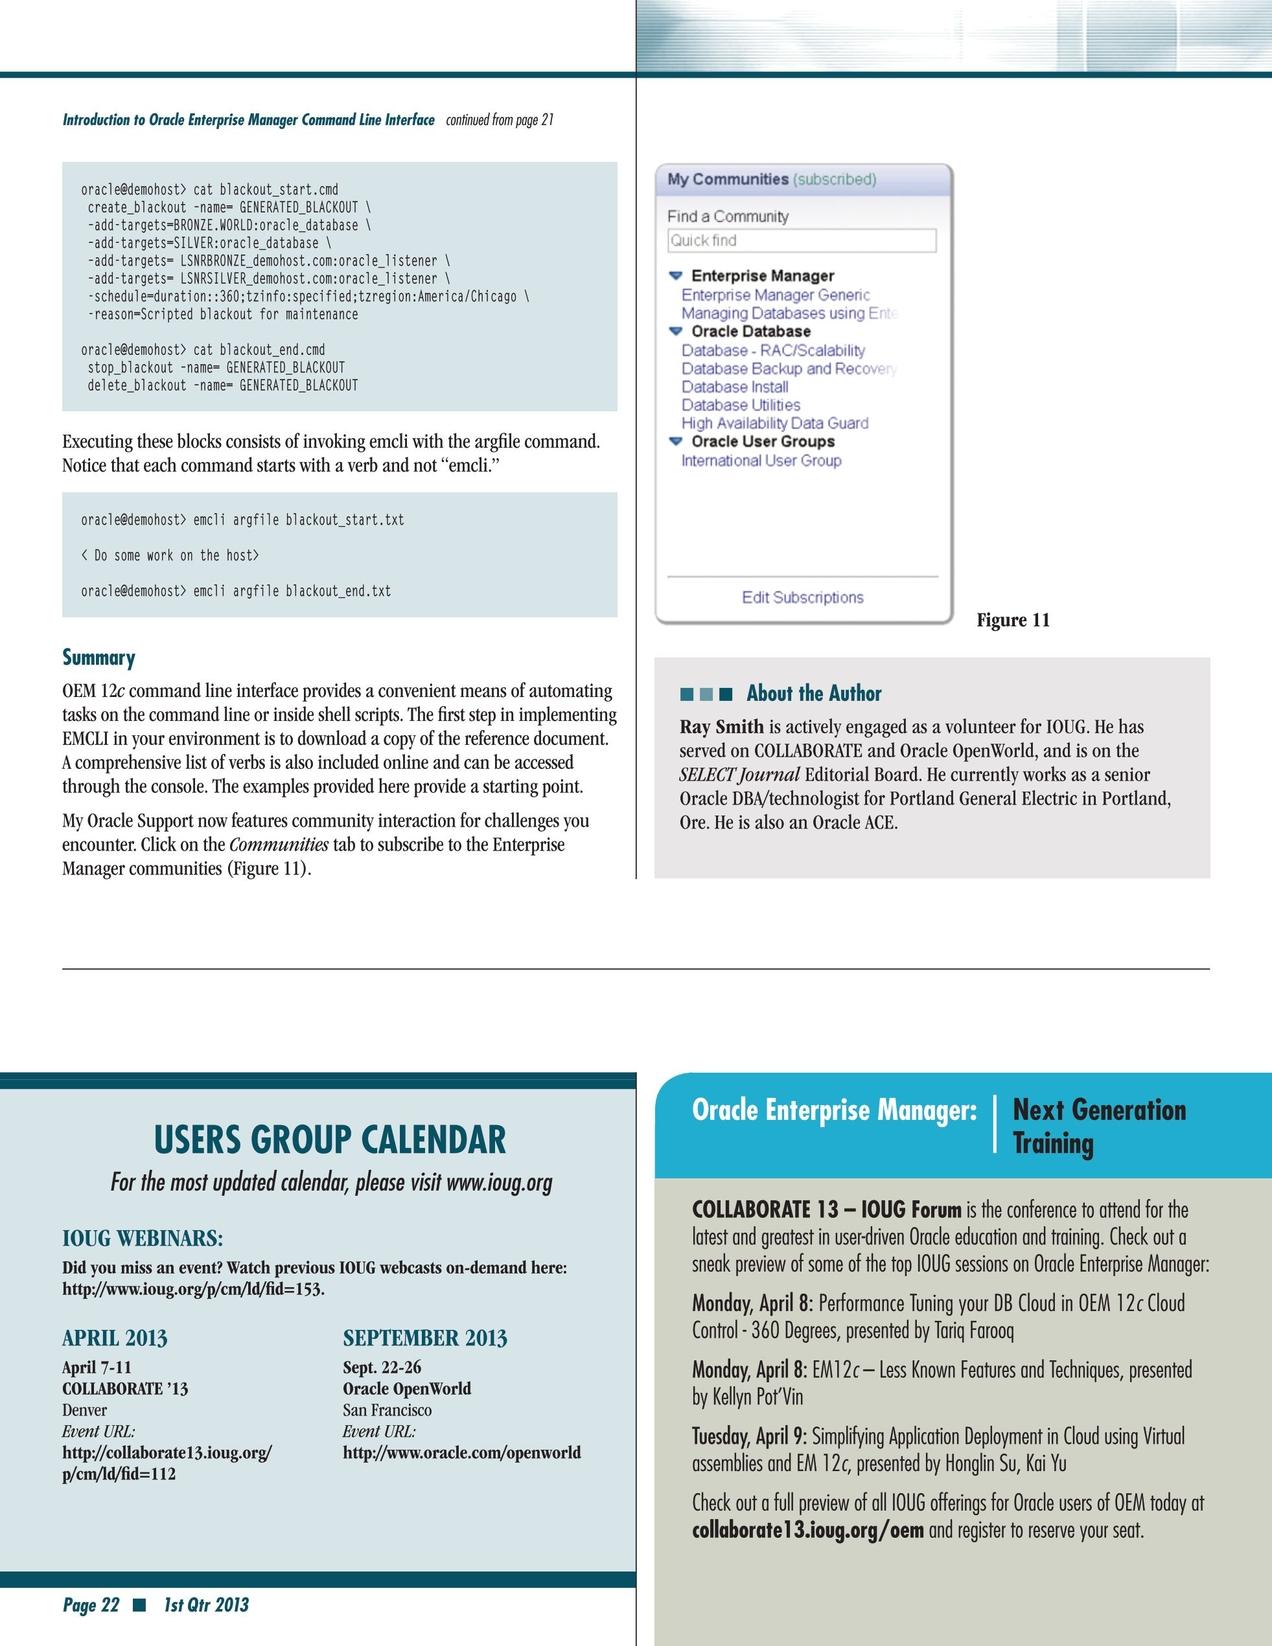 Select Journal - First Quarter 2013